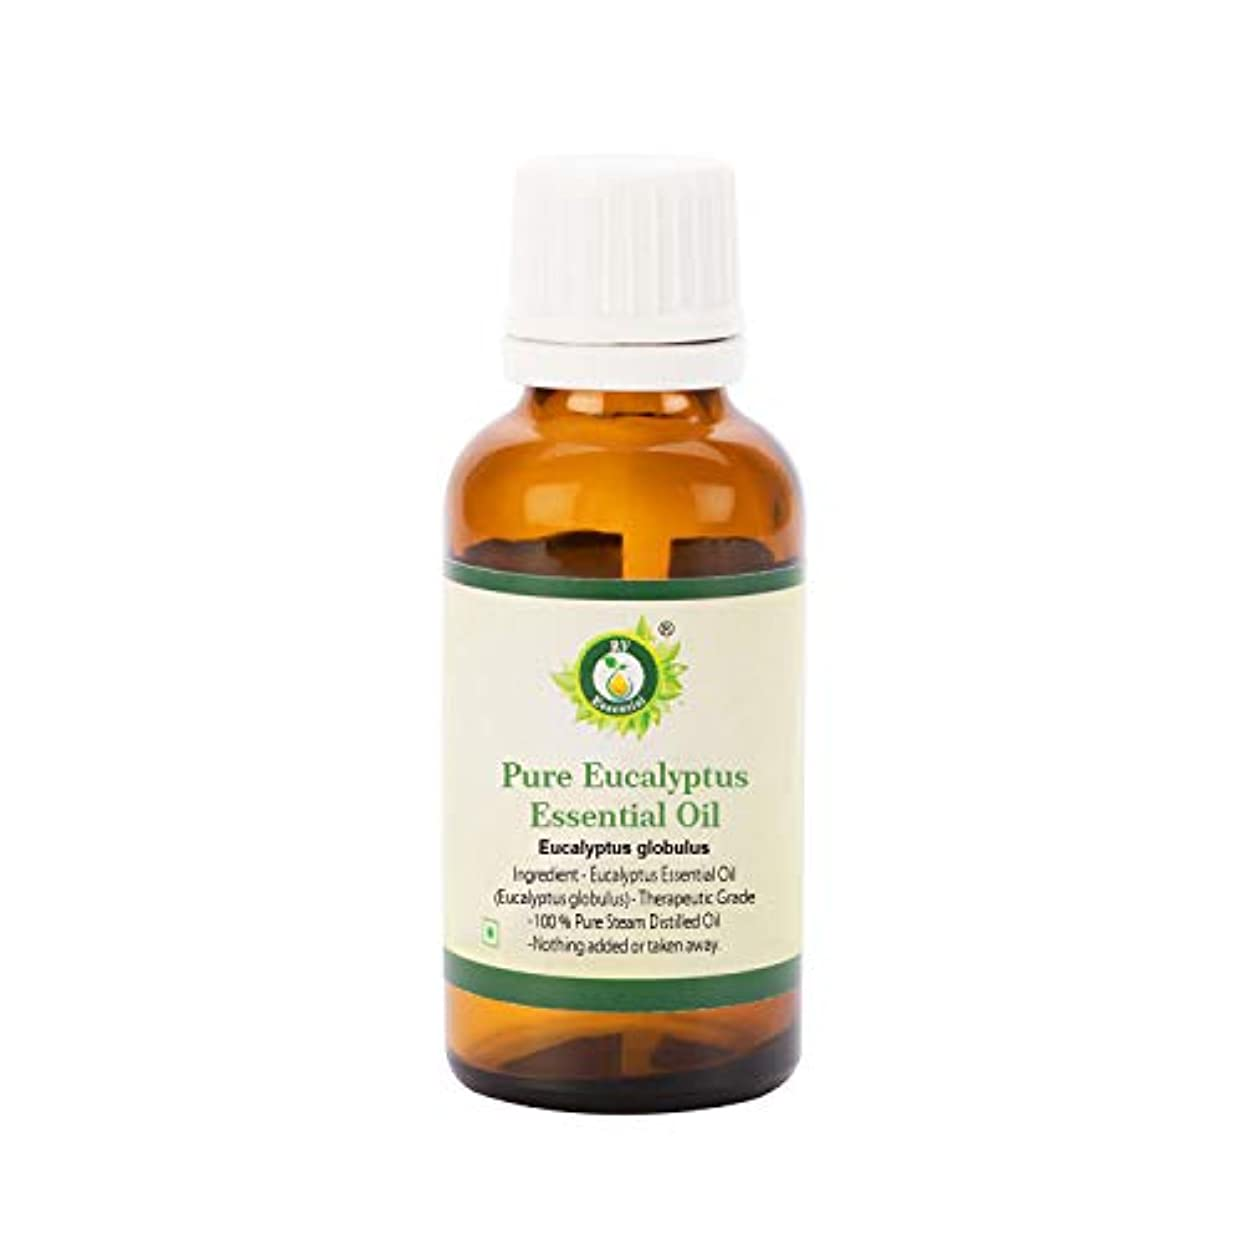 クローゼットセマフォマニアックR V Essential ピュアユーカリエッセンシャルオイル100ml (3.38oz)- Eucalyptus globulus (100%純粋&天然スチームDistilled) Pure Eucalyptus Essential...